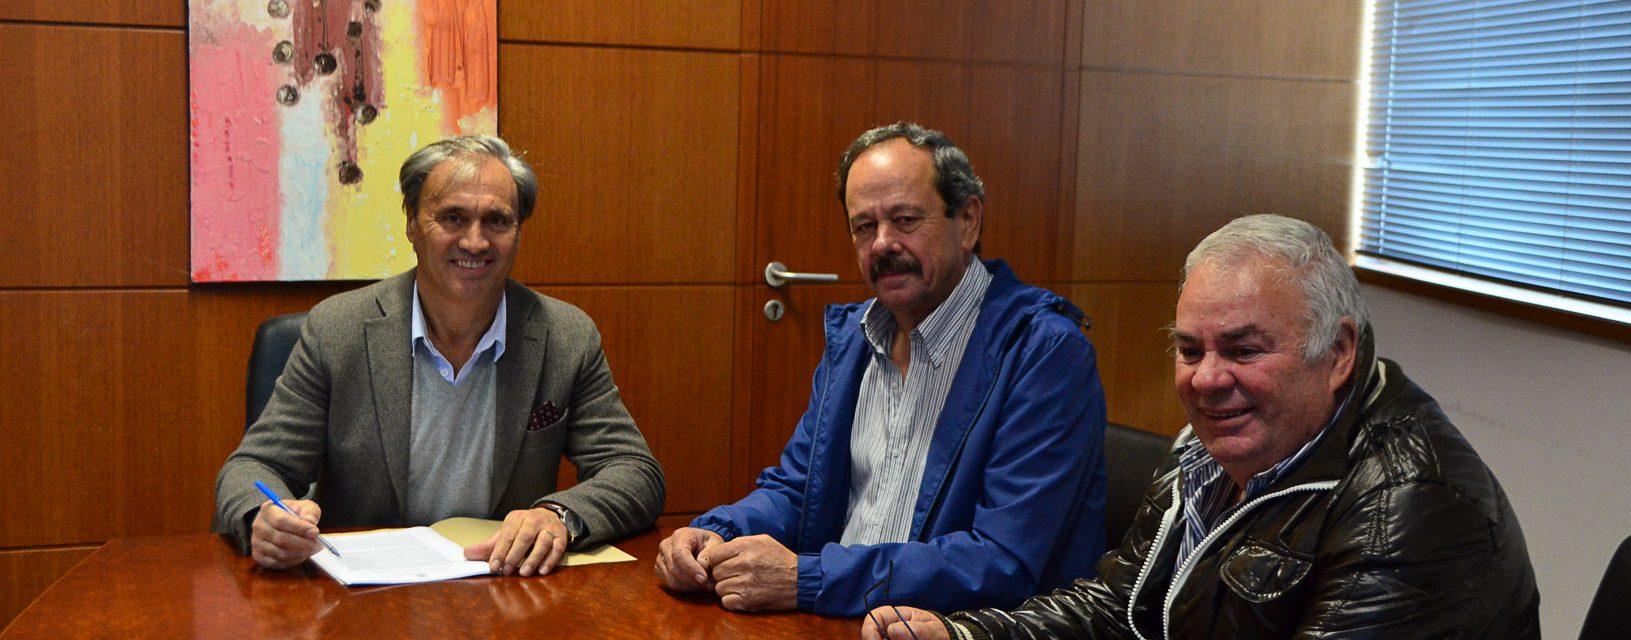 Câmara Municipal celebrou Protocolo de Colaboração com a Junta de Freguesia e Grupo Desportivo e Cultural do Mosteiro